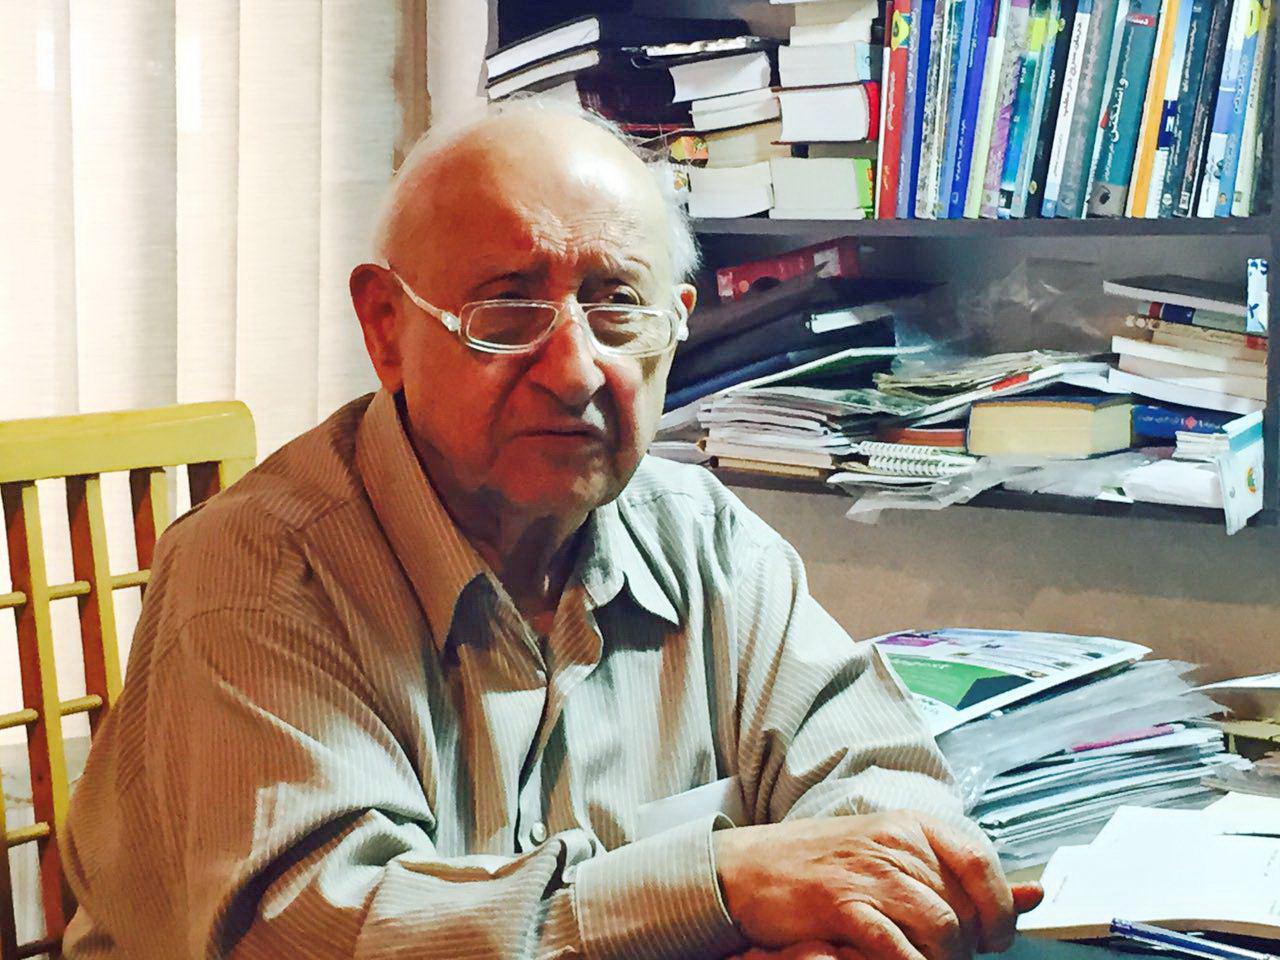 گفتوگوی دکتر رقیه حجفروش با دکتر سیدعلی معصومی